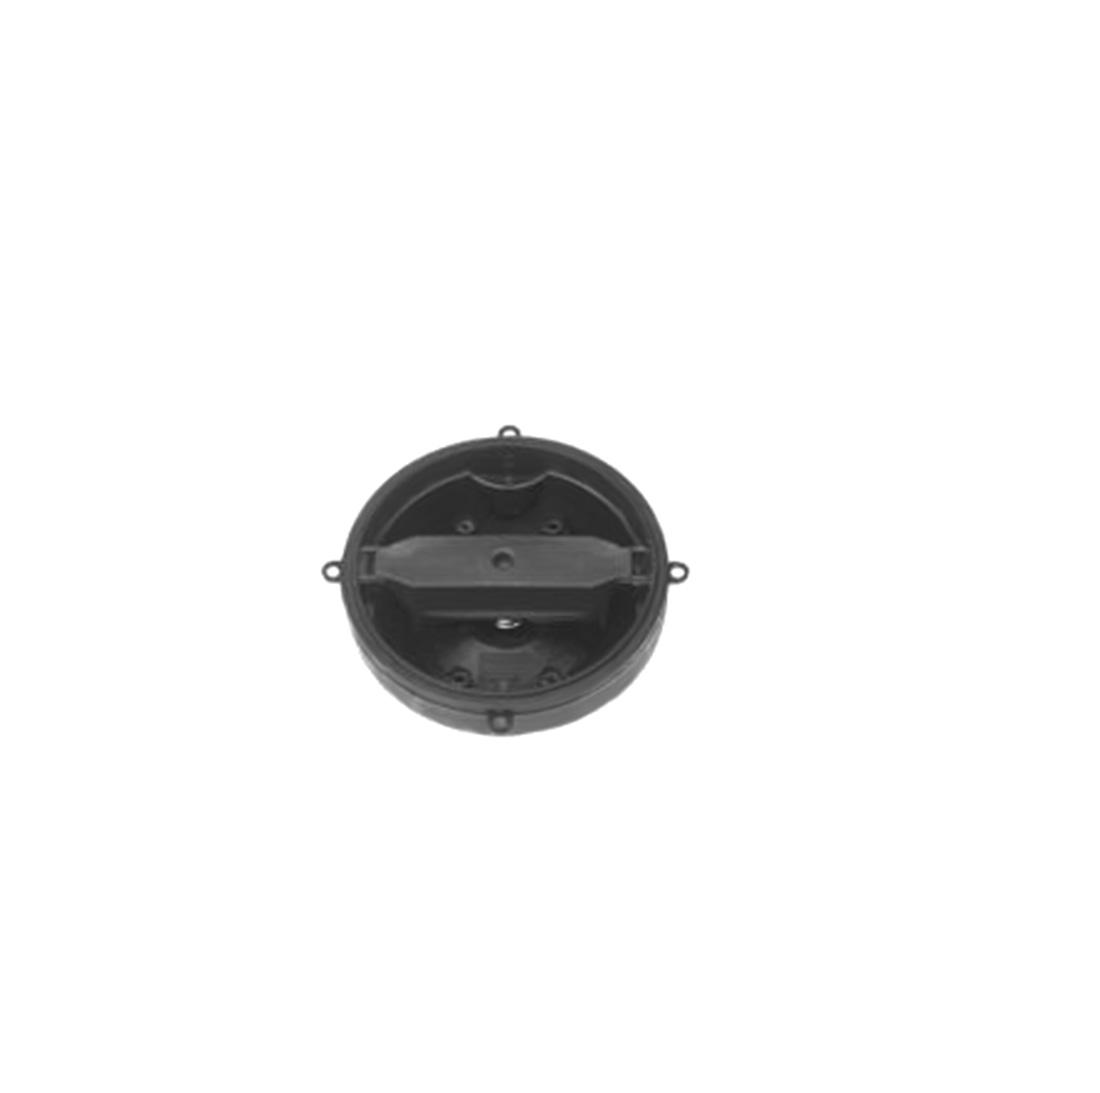 Atuador Espelho Retrovisor Menor VW Constellation 2012/2020 - Euro 5